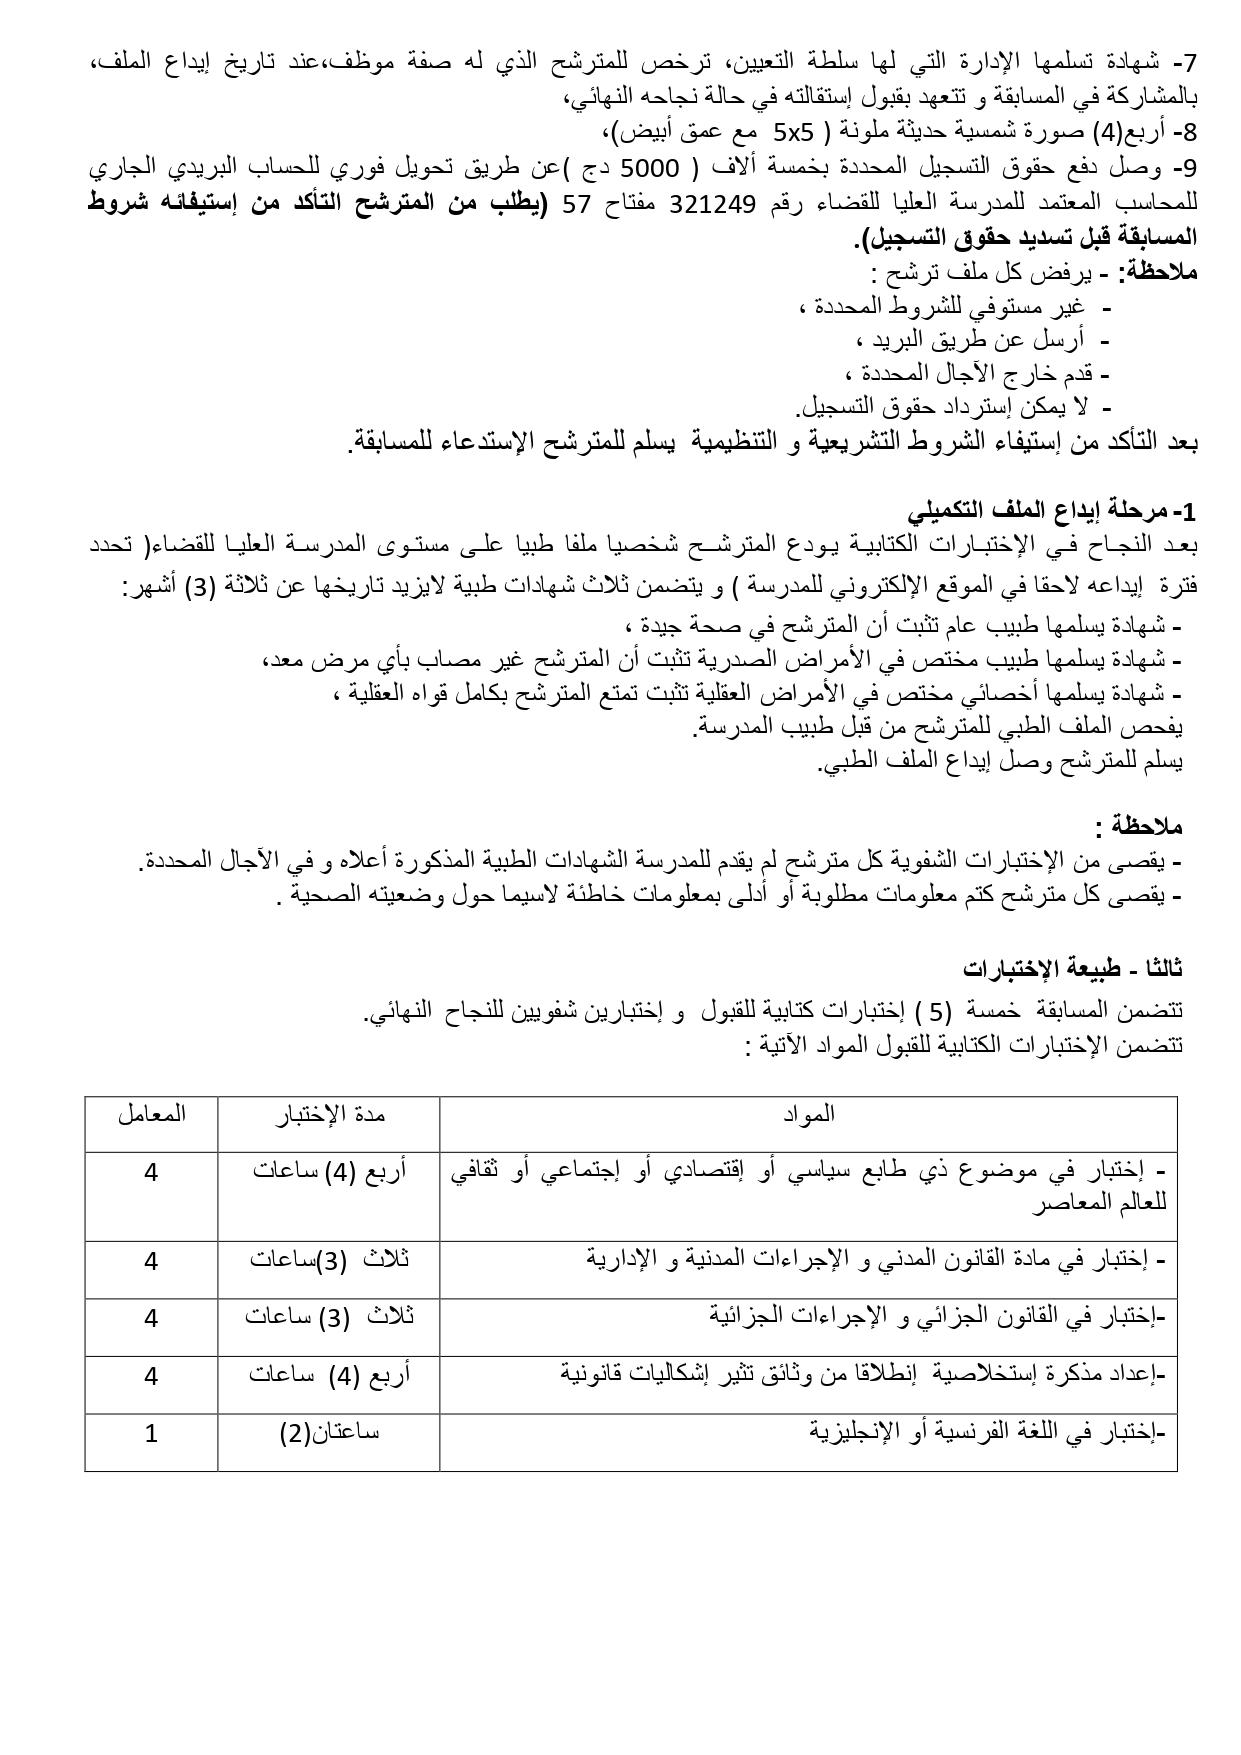 دليل شامل عن المدرسة العليا للقضاء في الجزائر